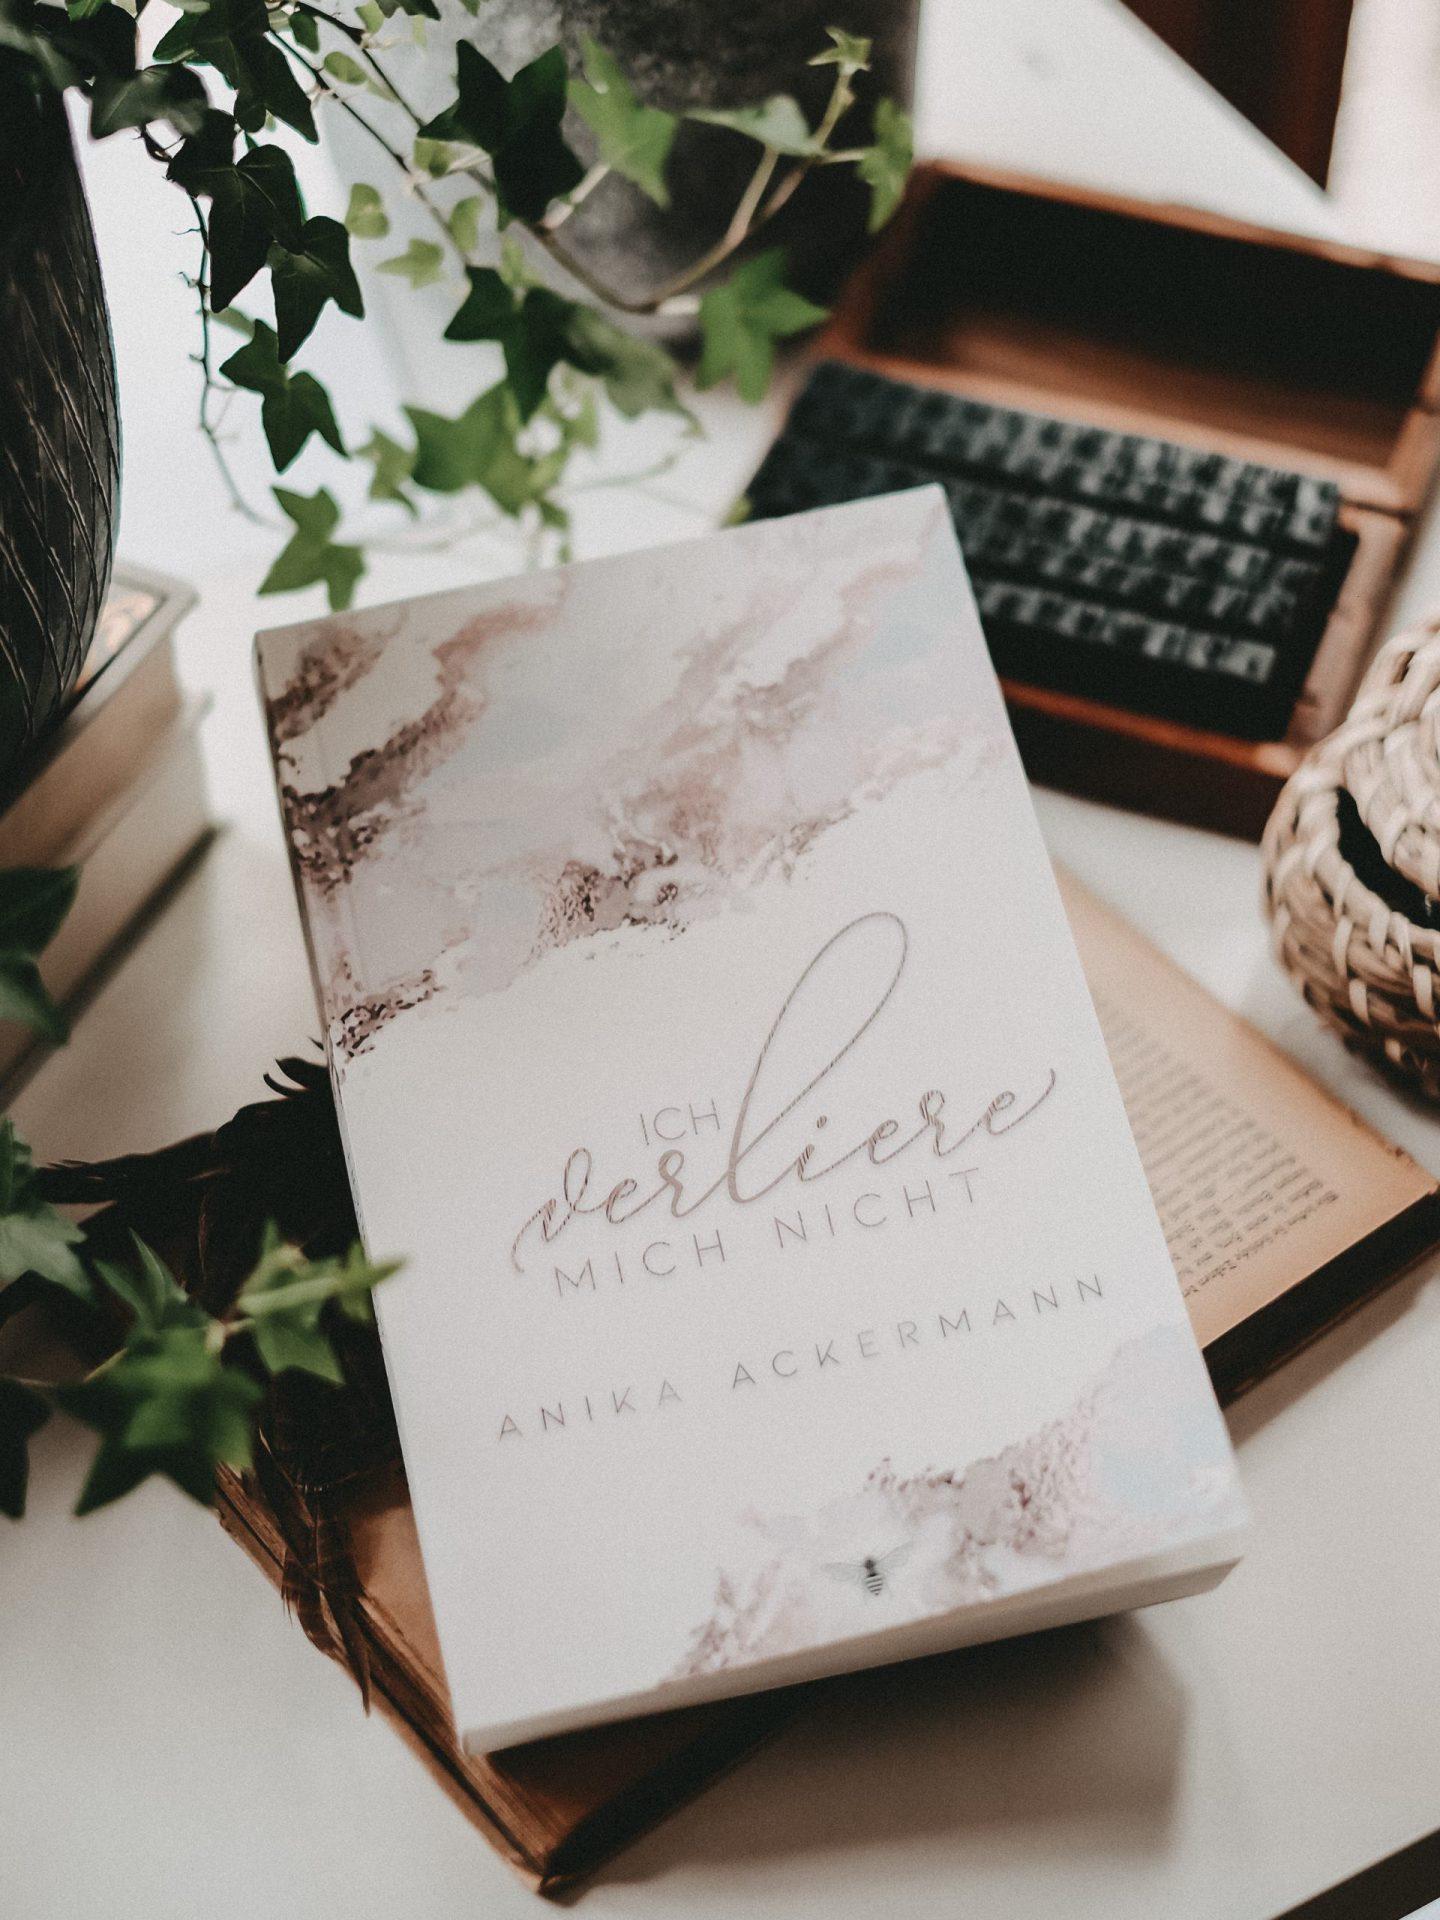 Rezension Anika Ackermann – Ich verliere mich nicht